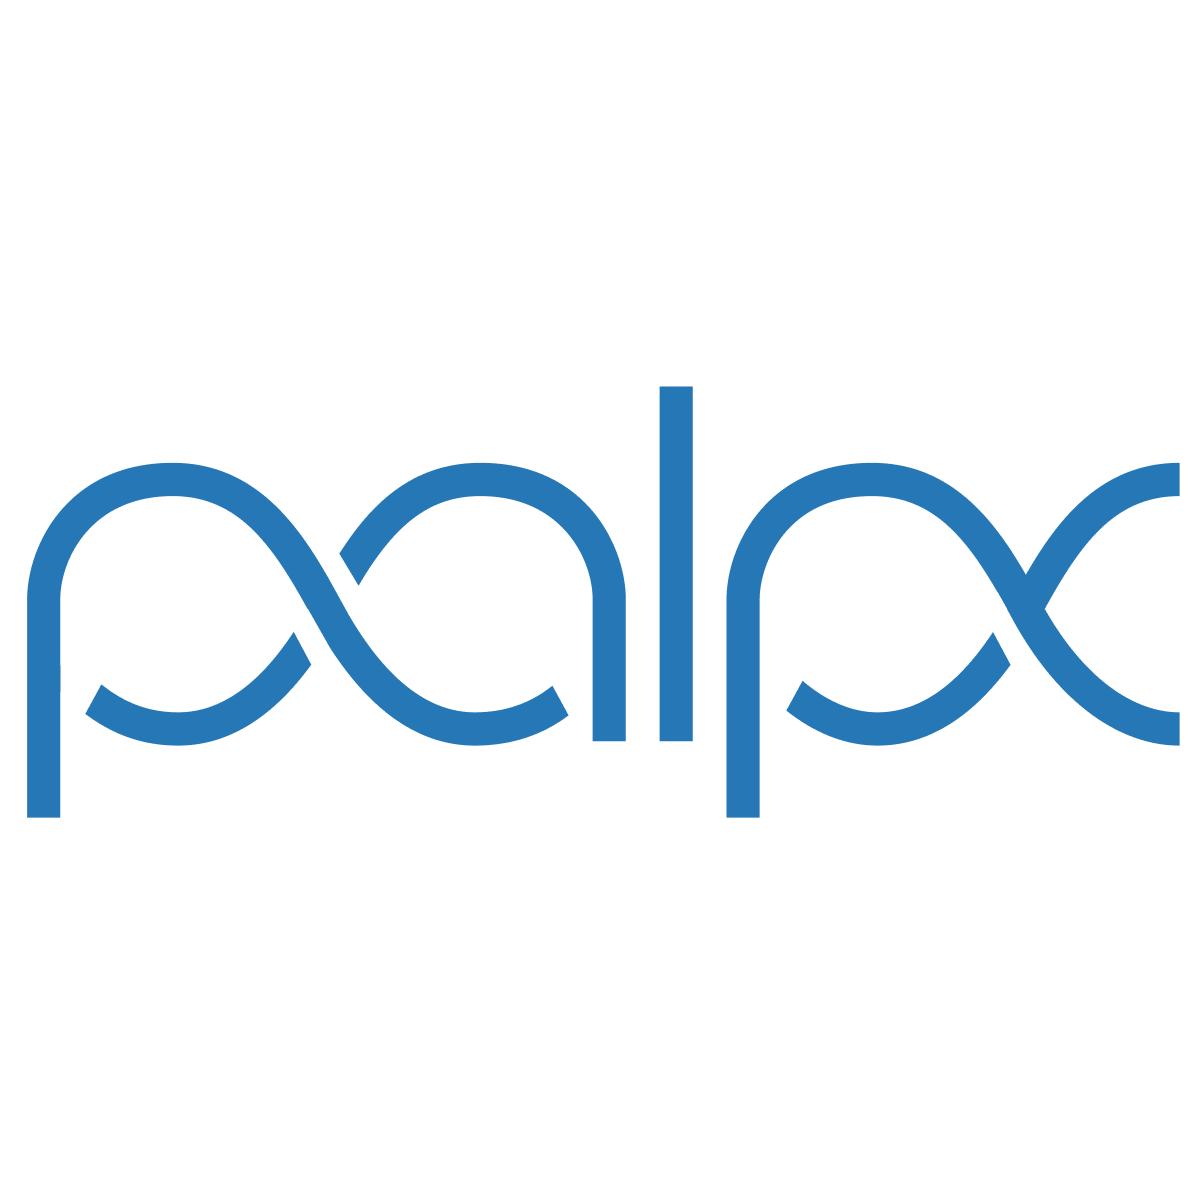 Palpx